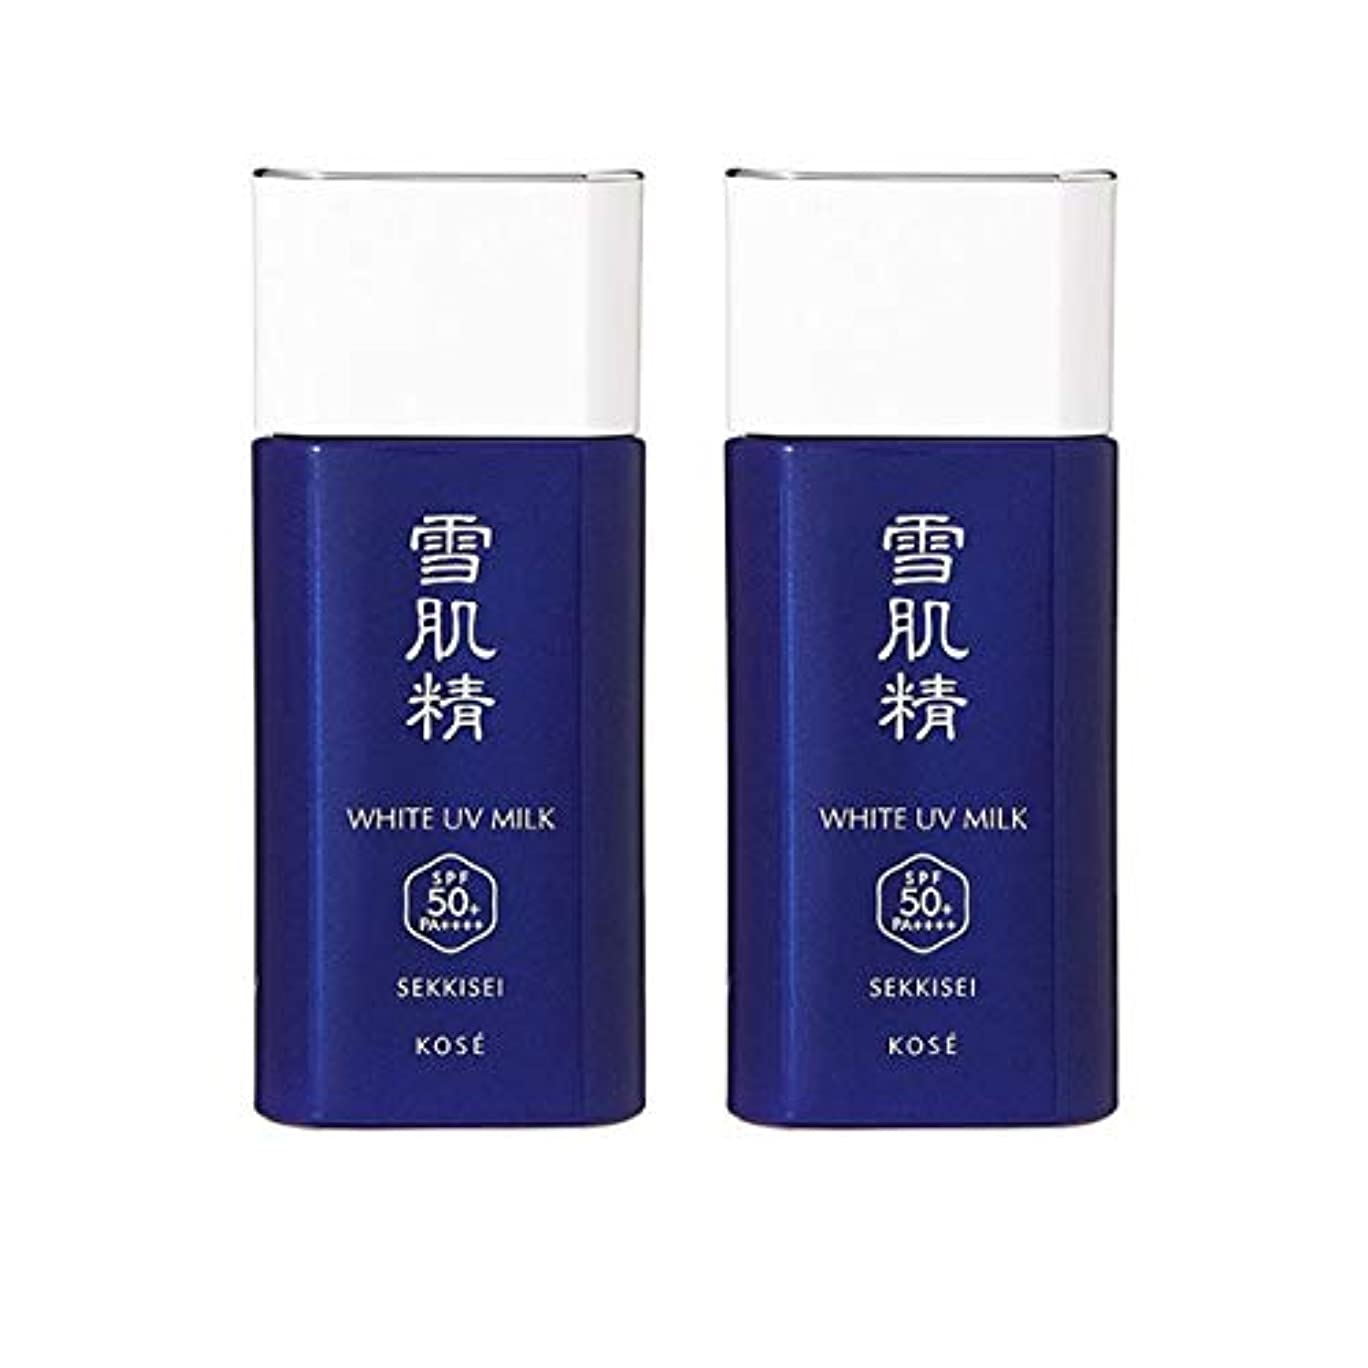 直接乱す豊かな【セット】コーセー 雪肌精 ホワイト UV ミルク SPF50+/PA++++ 60g 2個セット